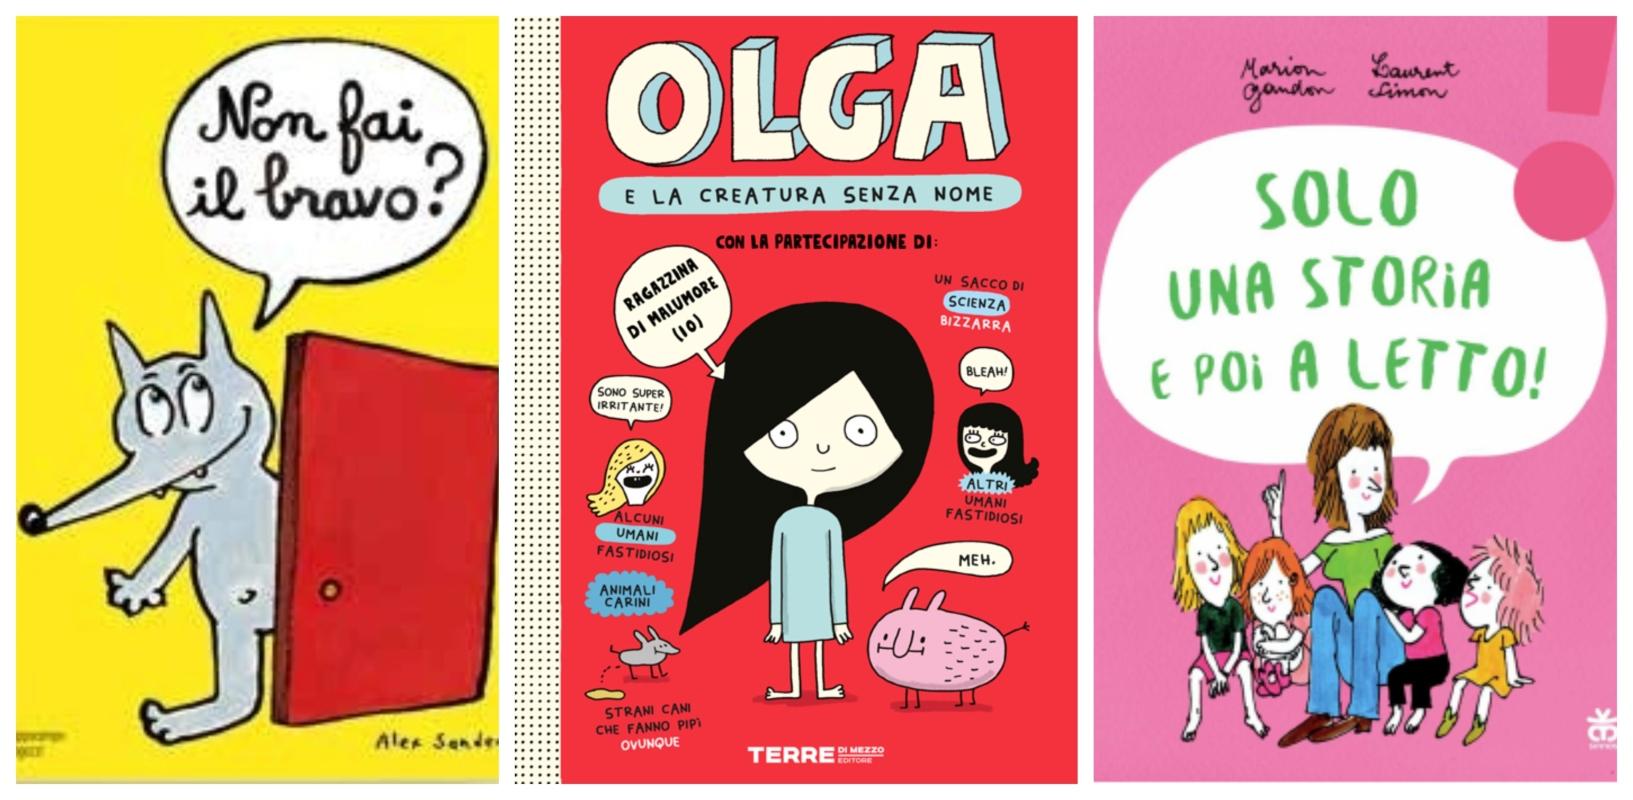 Libri per bambini e ragazzi novit e ultime uscite for Libri consigliati per ragazzi di 16 anni